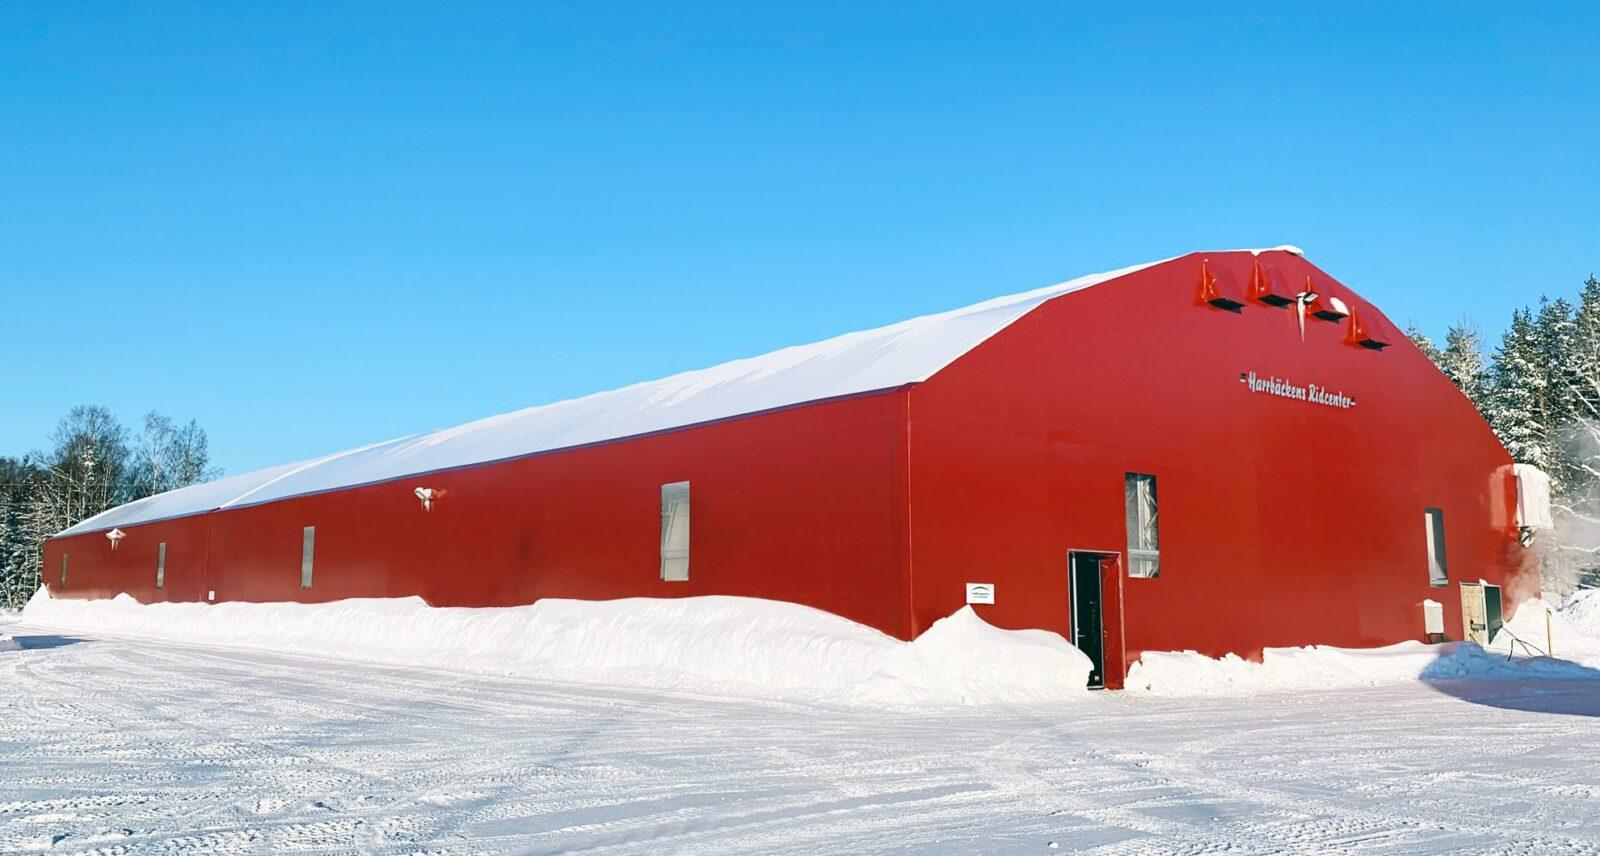 Snötäckt ridhall med röda fasader